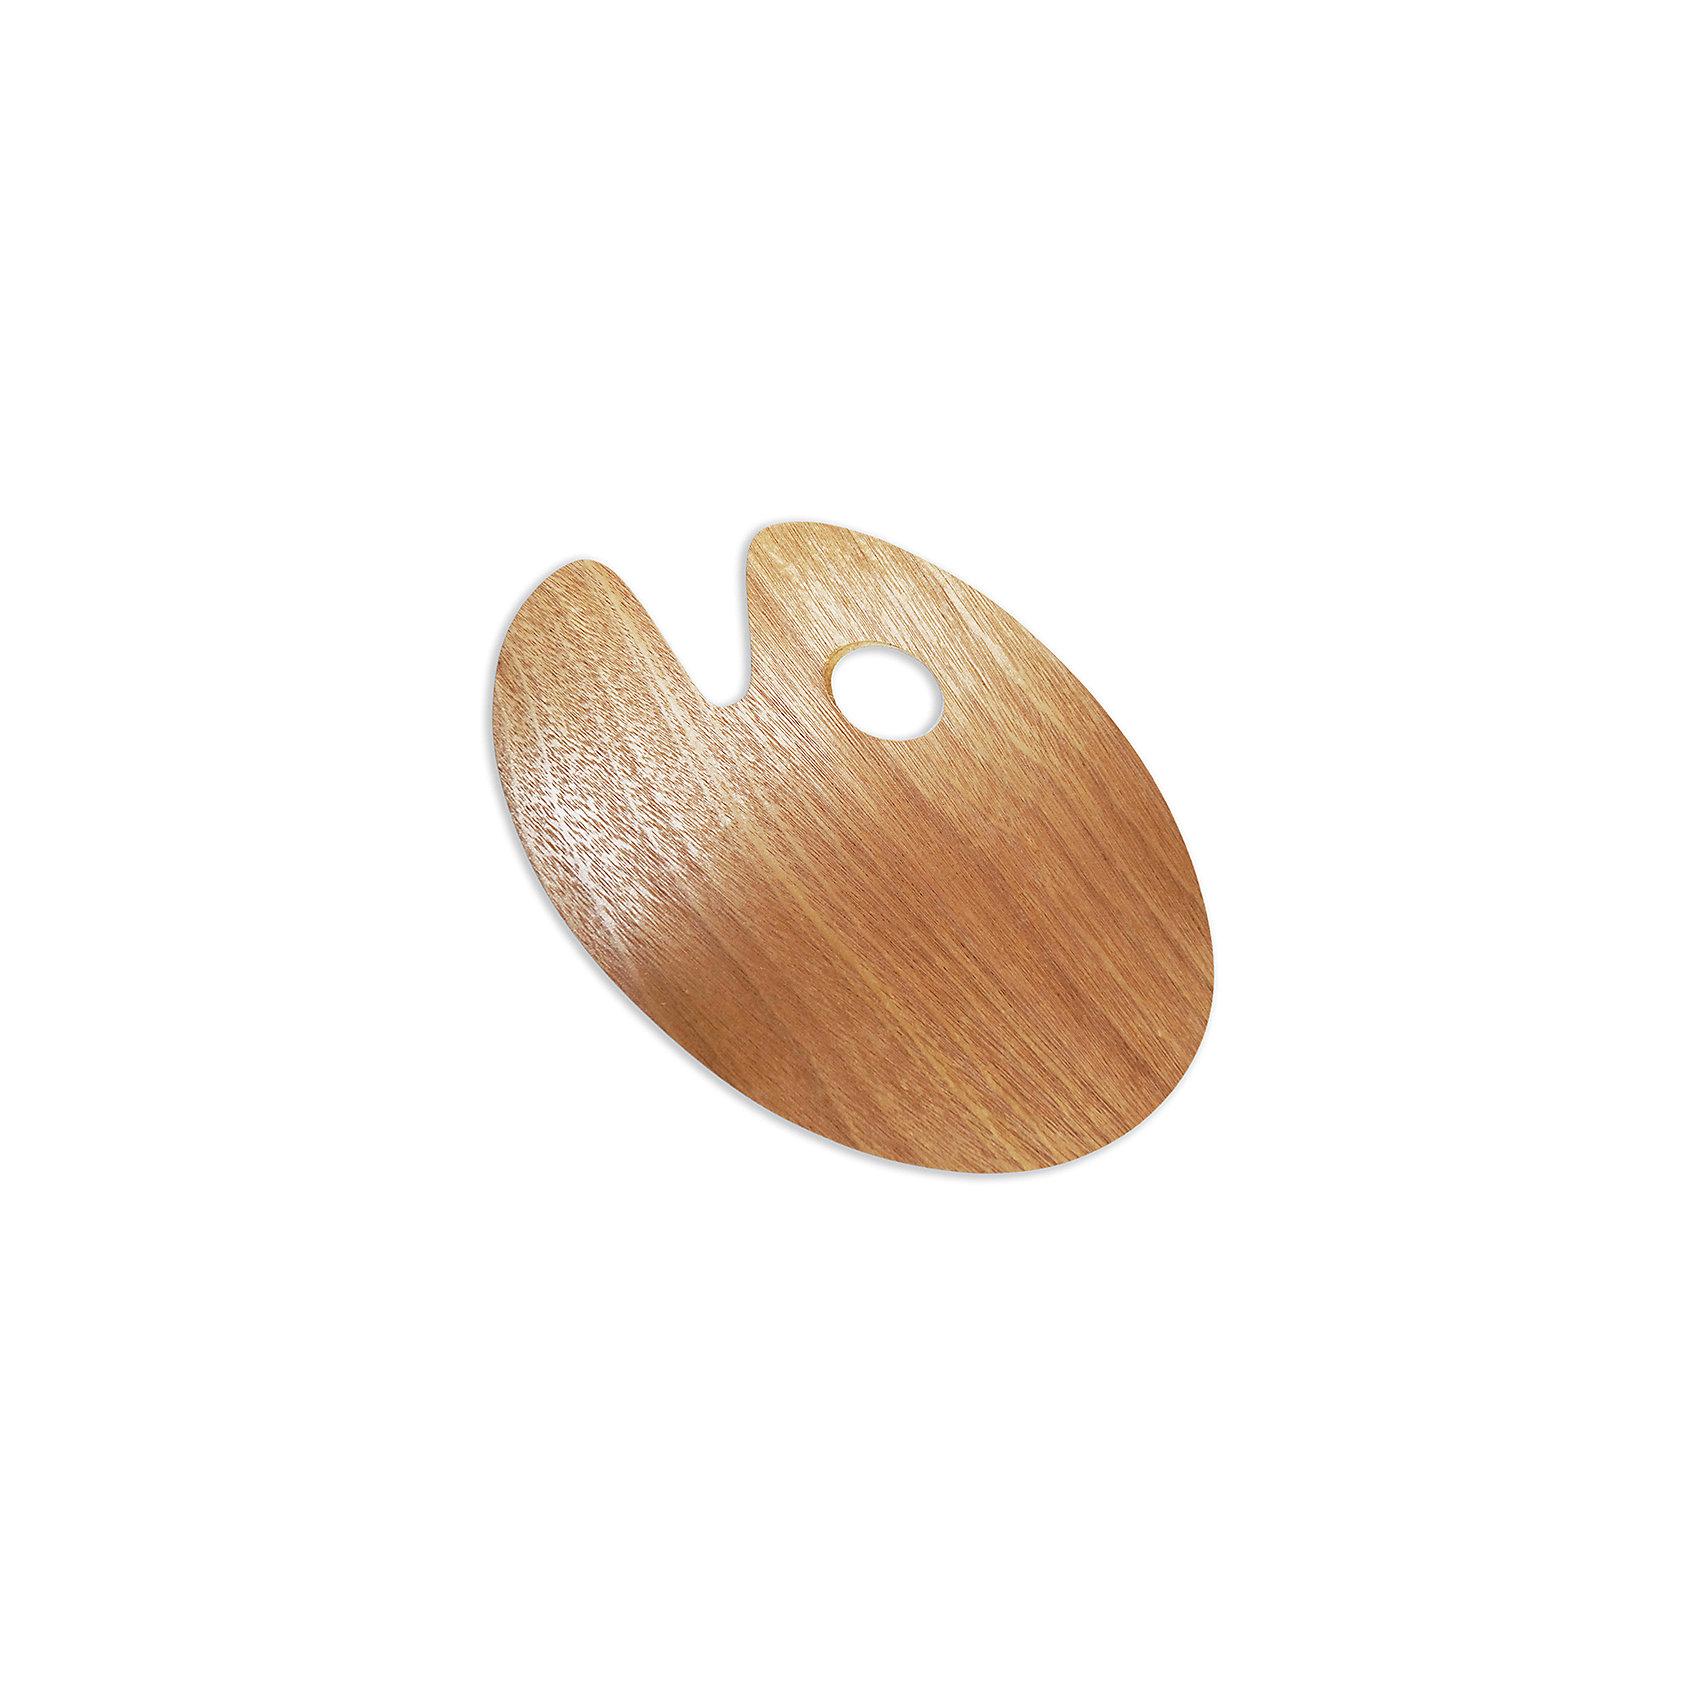 Овальная деревянная палитра Малевичъ, 20х30 смАксессуары для творчества<br>Характеристики:<br><br>• возраст: от 3 лет<br>• материал: древесина<br>• размер: 20х30 см.<br><br>Деревянная палитра Малевичъ классической овальной формы предназначена для смешивания гуашевых, акриловых и масляных красок. Благодаря анатомически выверенным отверстиям для пальцев палитра удобно ложится в руку, делая процесс живописи легким и комфортным, а ее гладко отполированная поверхность при необходимости легко очищается от лишней краски с помощью ветоши и шпателя.<br><br>Деревянная палитра Малевичъ изготовлена из экологически чистого, возобновляемого материала, удобна и безопасна в работе, прослужит долгое время.<br><br>Овальную деревянную палитру Малевичъ, 20х30 см можно купить в нашем интернет-магазине.<br><br>Ширина мм: 200<br>Глубина мм: 300<br>Высота мм: 2<br>Вес г: 113<br>Возраст от месяцев: 36<br>Возраст до месяцев: 2147483647<br>Пол: Унисекс<br>Возраст: Детский<br>SKU: 6910375